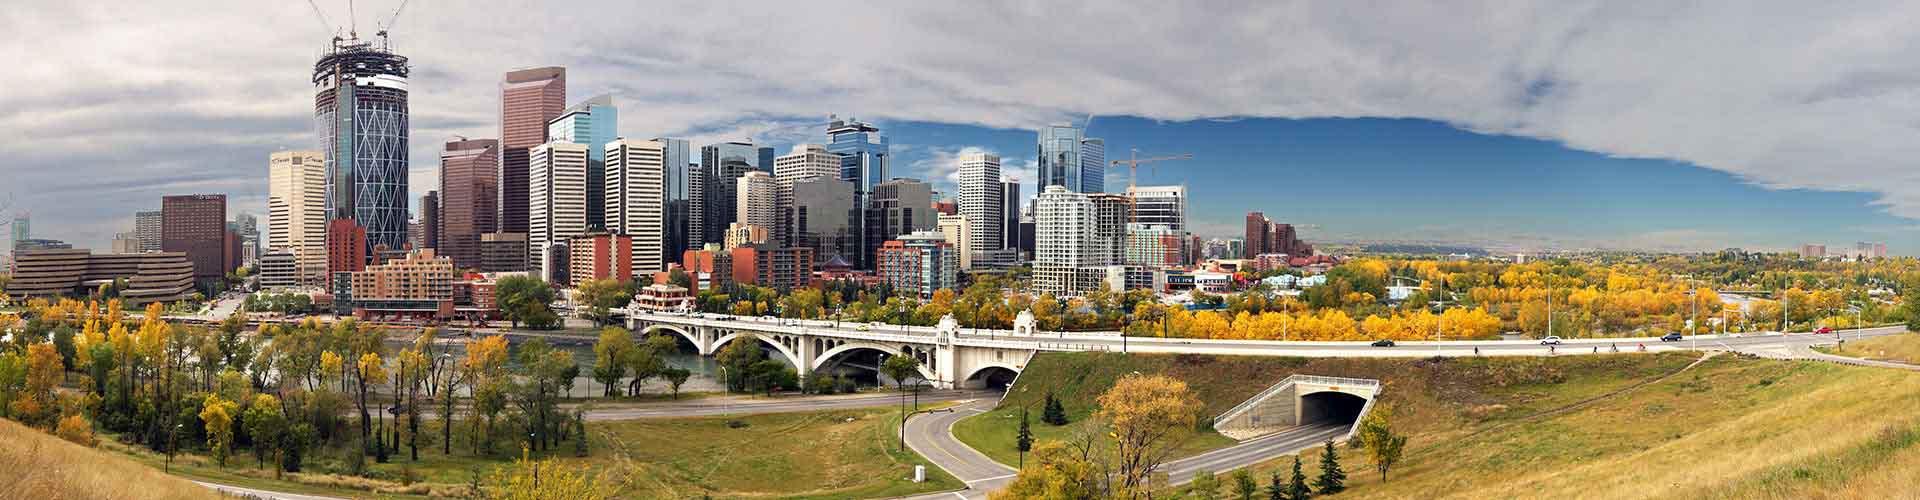 Calgary - Ifjúsági Szállások Kelet Belváros városrészen. Calgary térképek, fotók, és ajánlások minden egyes Ifjúsági Szállásra: Calgary